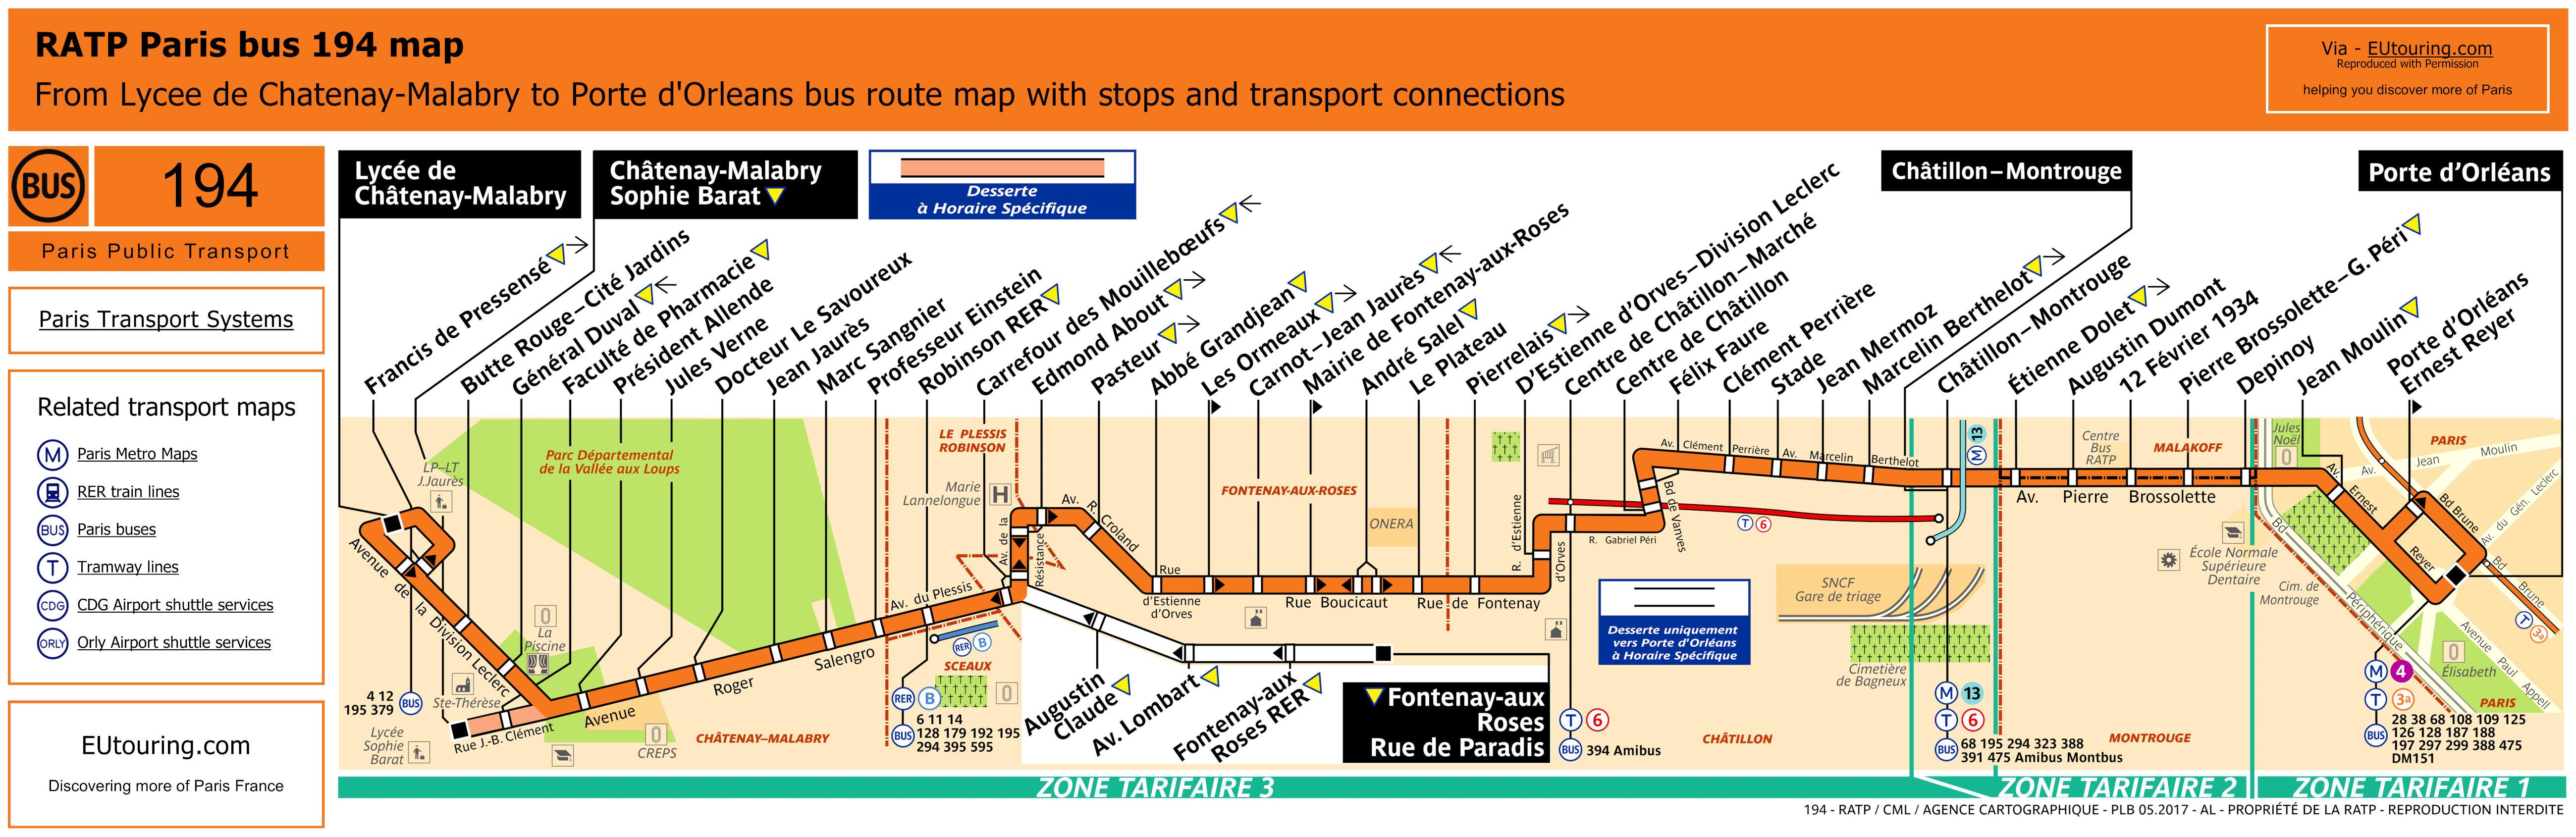 RATP Bus Line 194 - Image (HQ ...